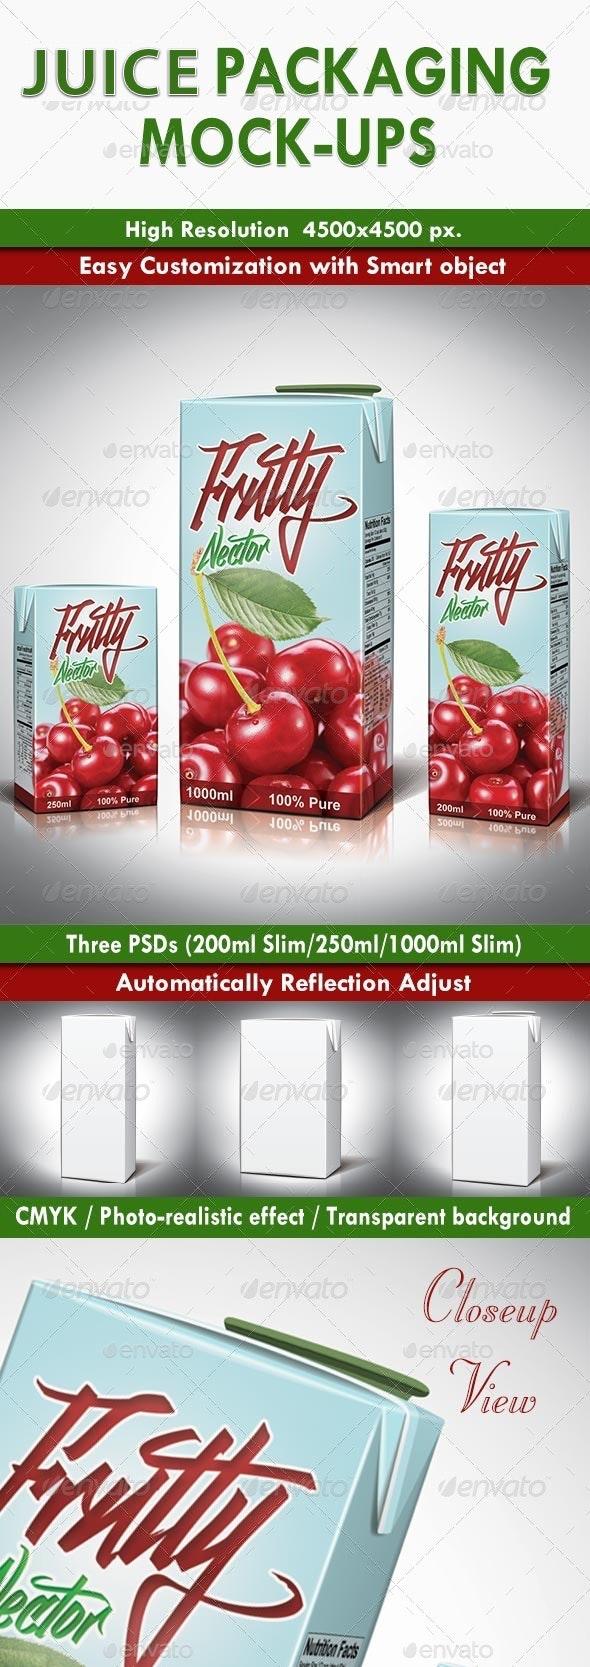 Juice Packaging Mock-ups - Food and Drink Packaging